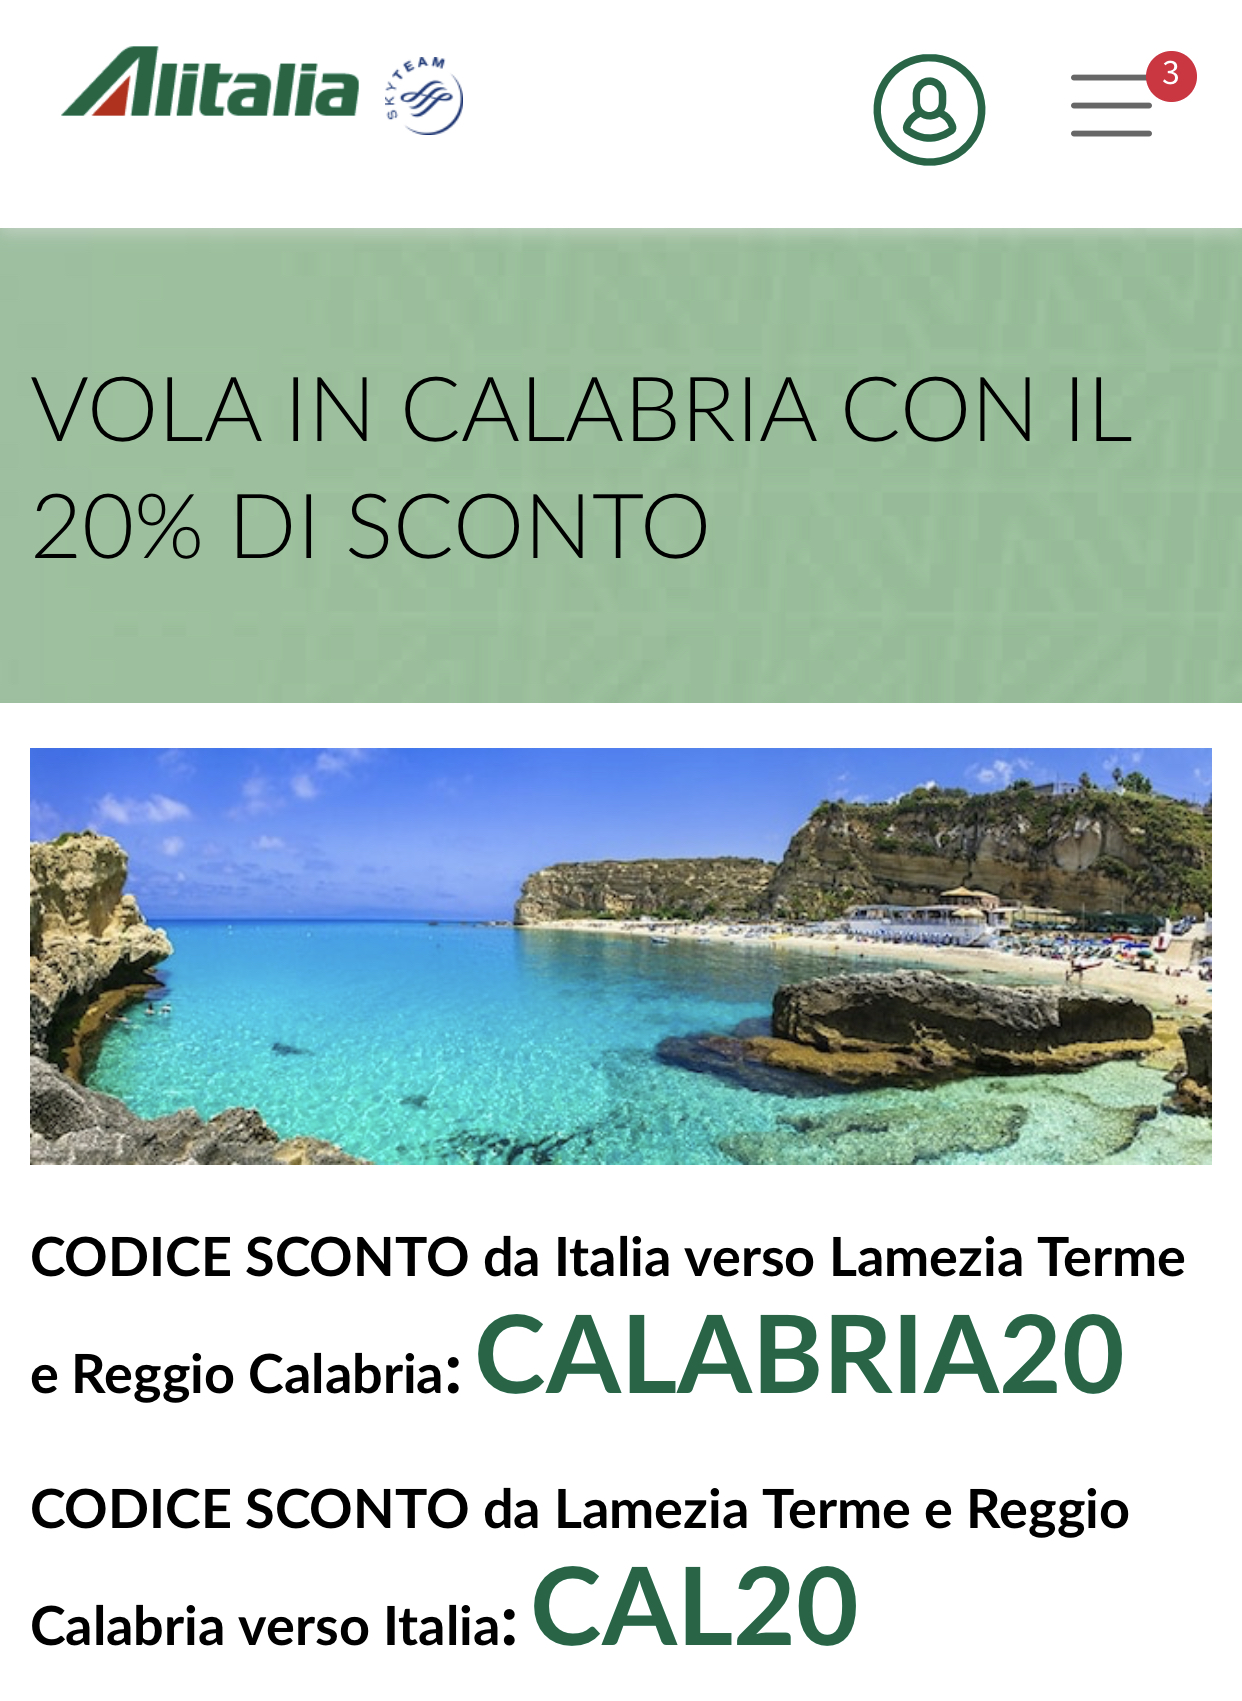 Alitalia promuove i voli in Calabria